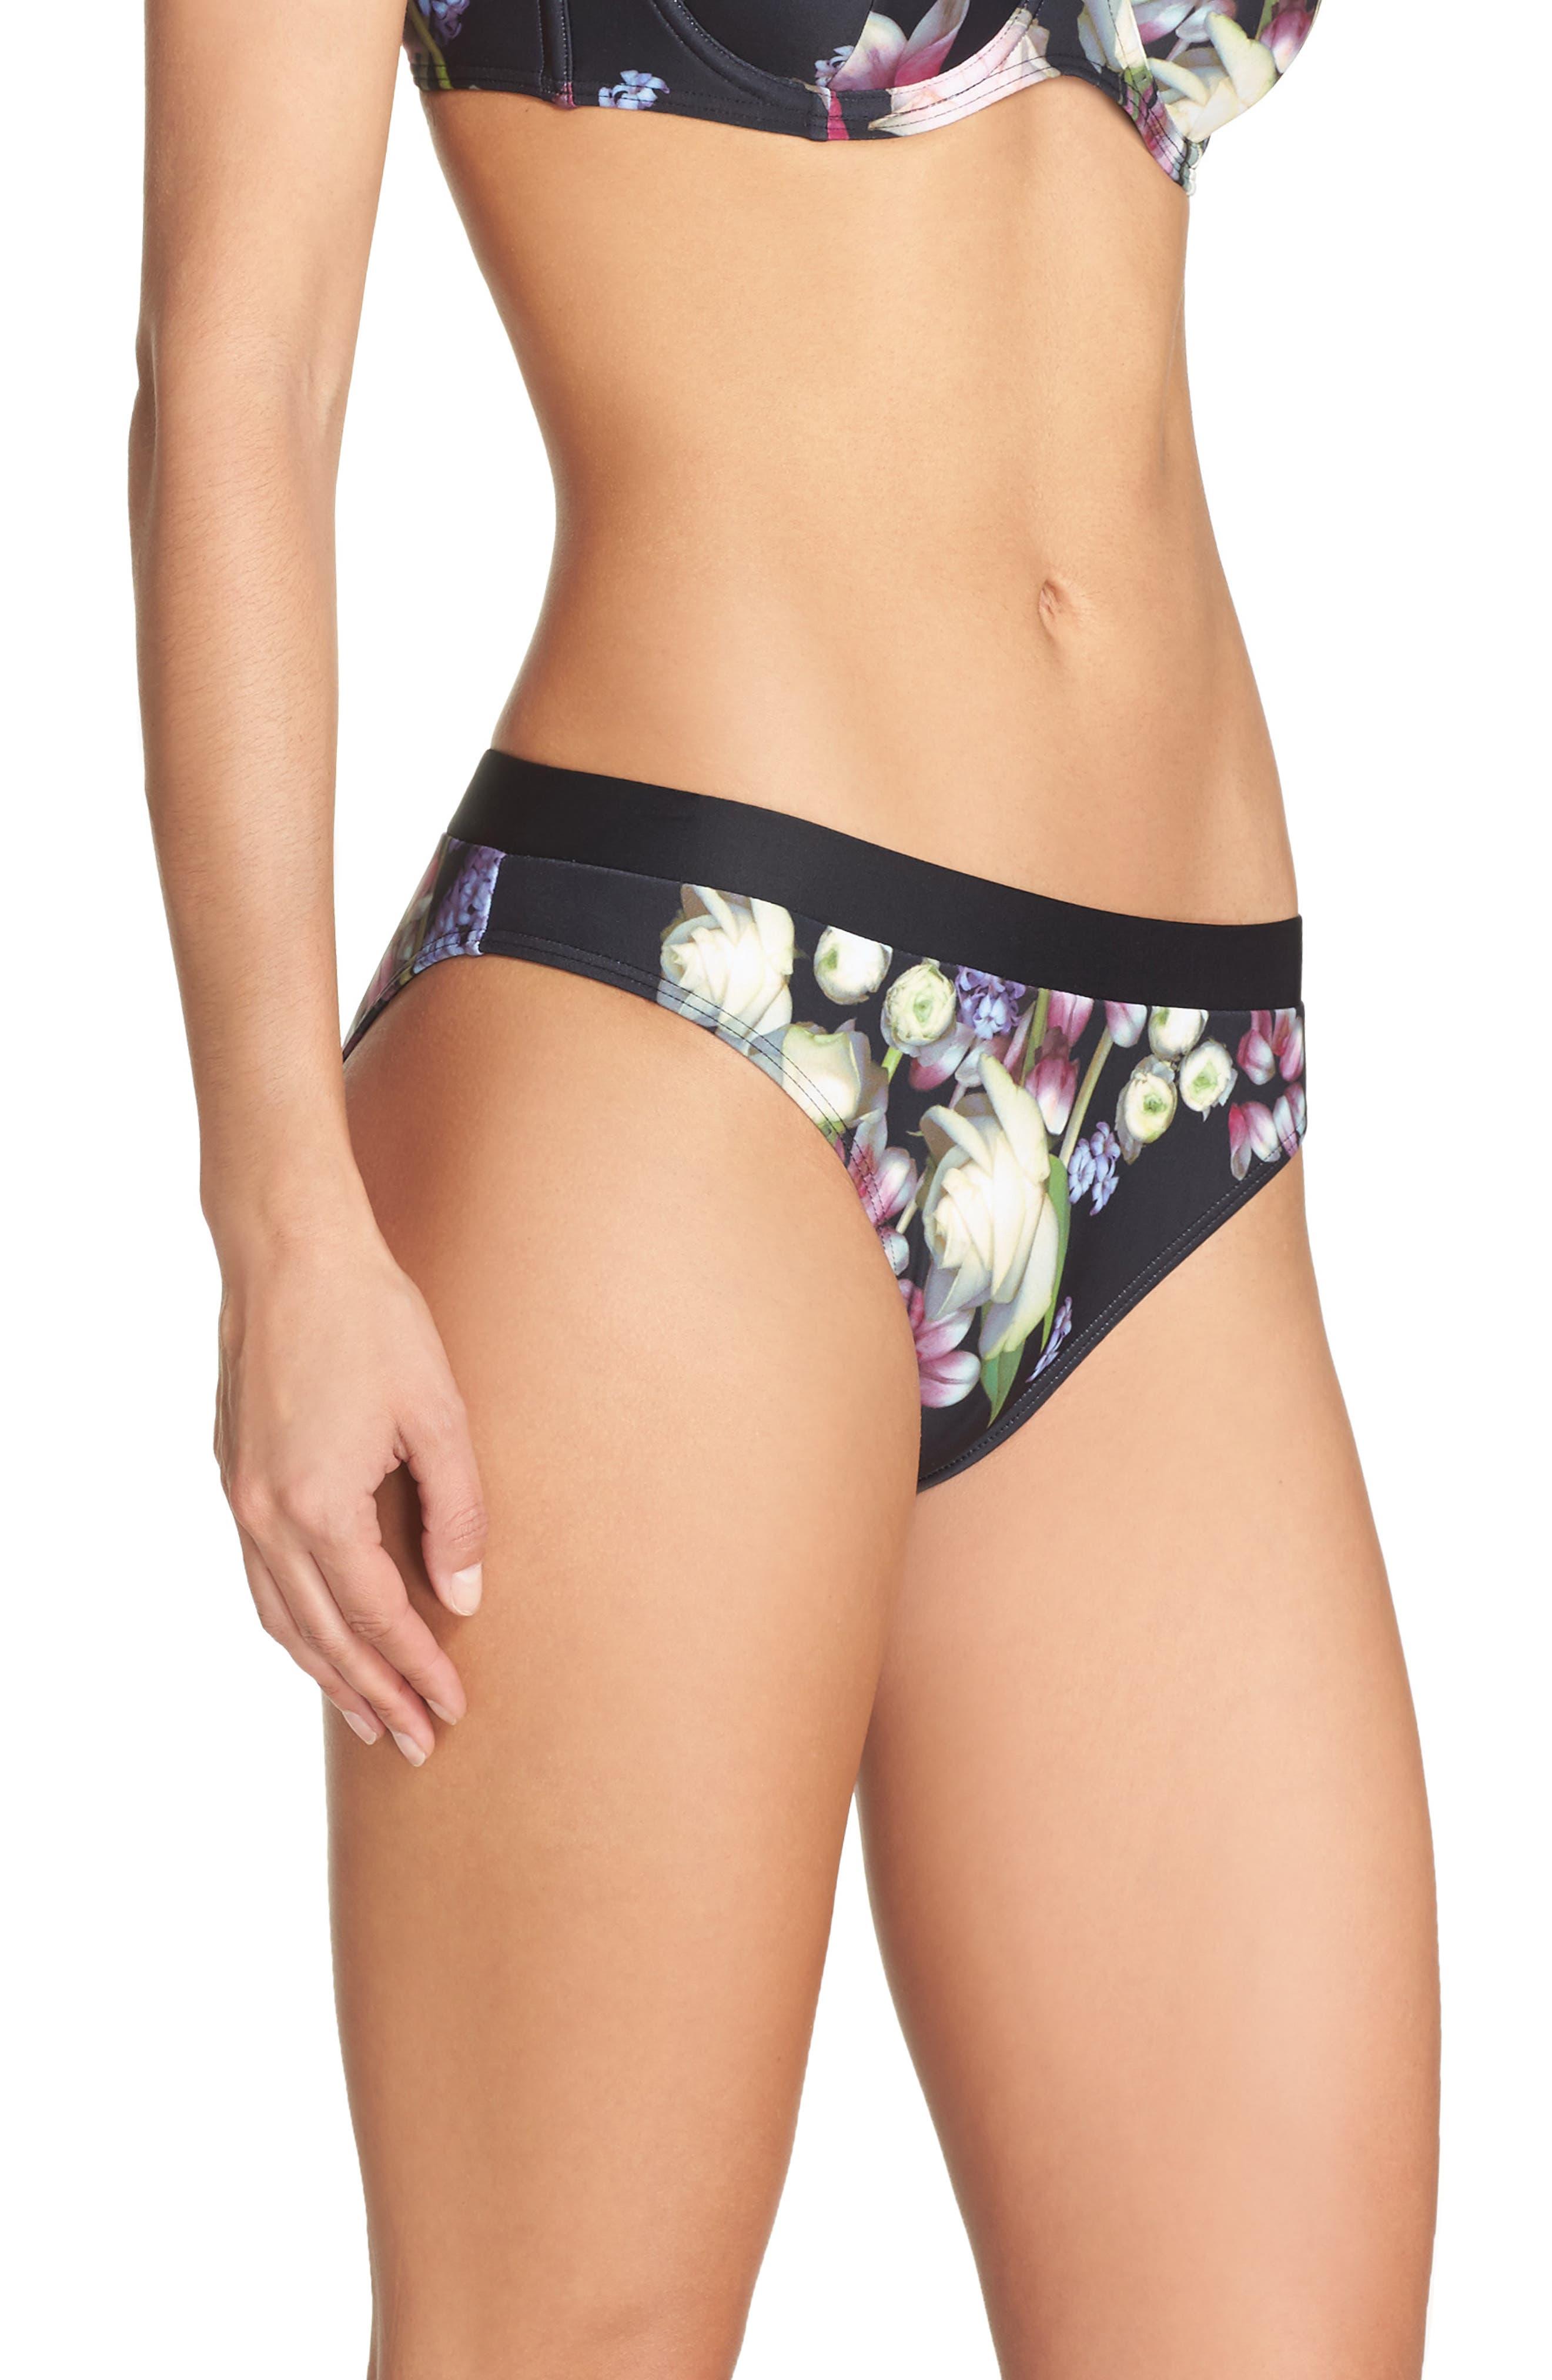 Kensington Bikini Bottoms,                             Alternate thumbnail 3, color,                             Black